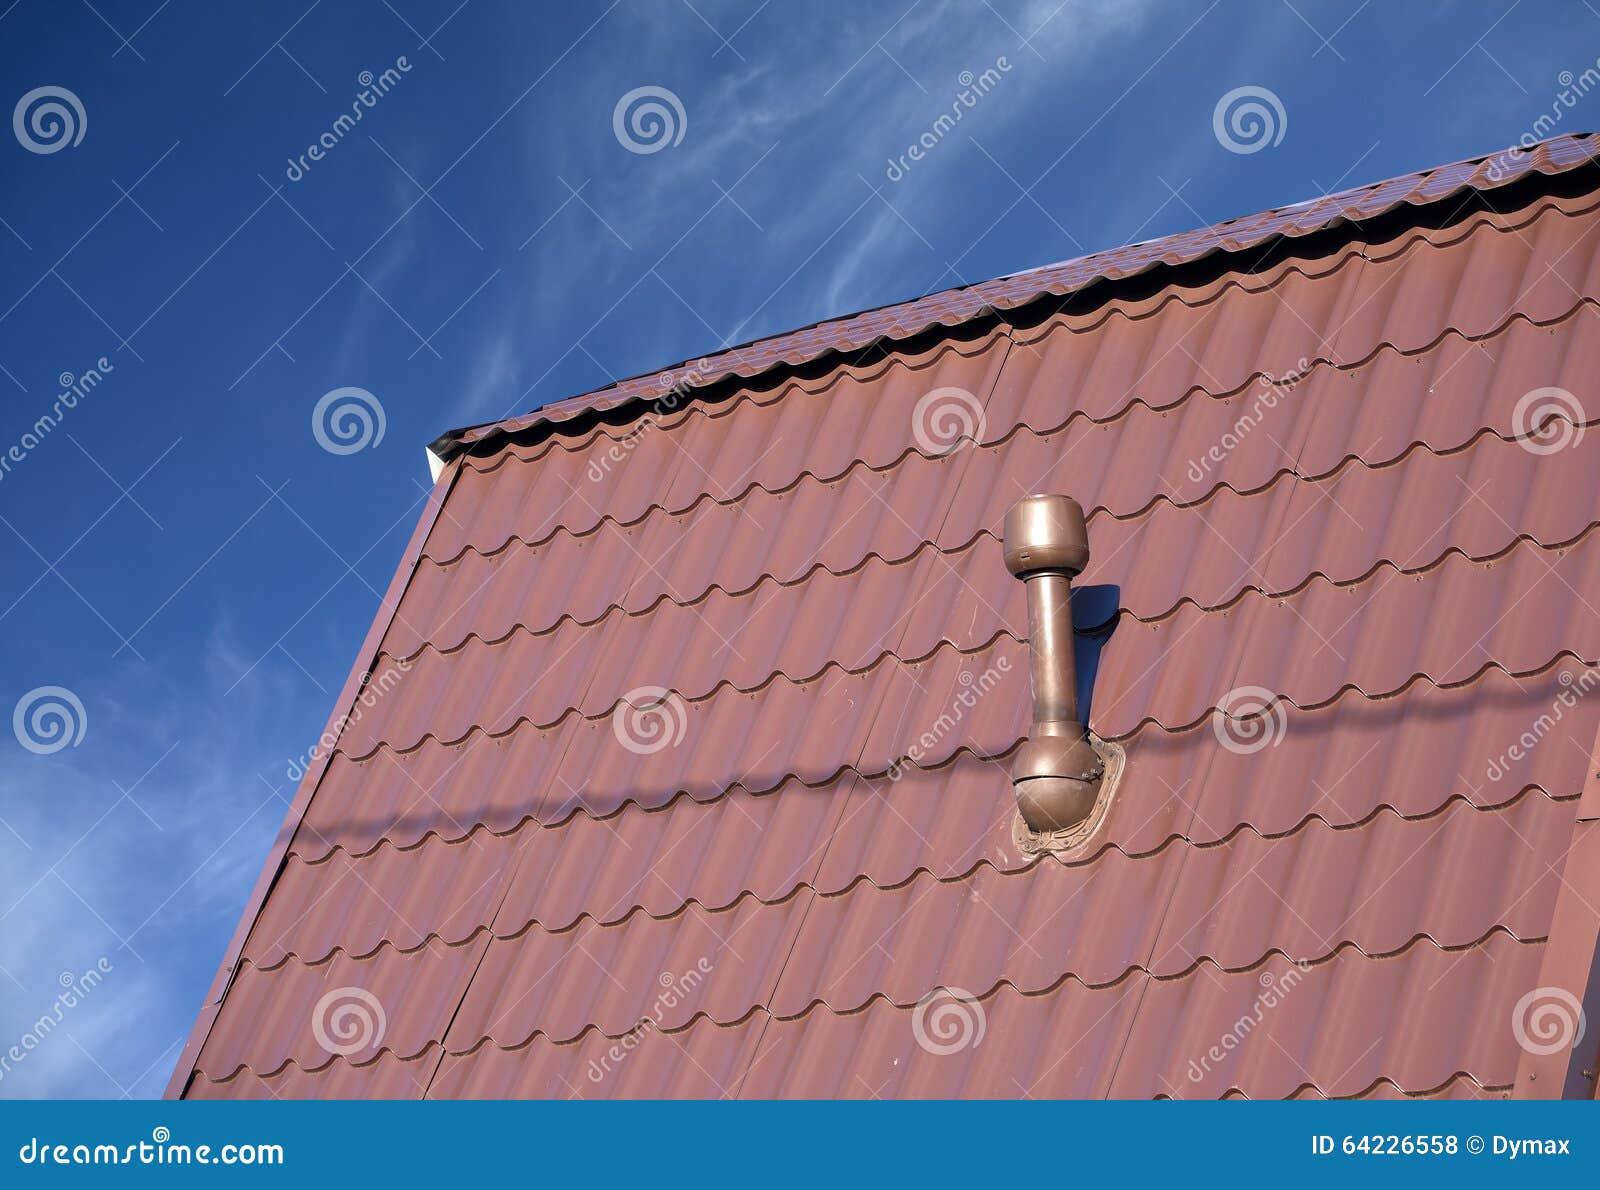 Nice Toit D Une Maison #6: Toit D Une Maison Couverte De Tuile En Métal Avec La Cheminée